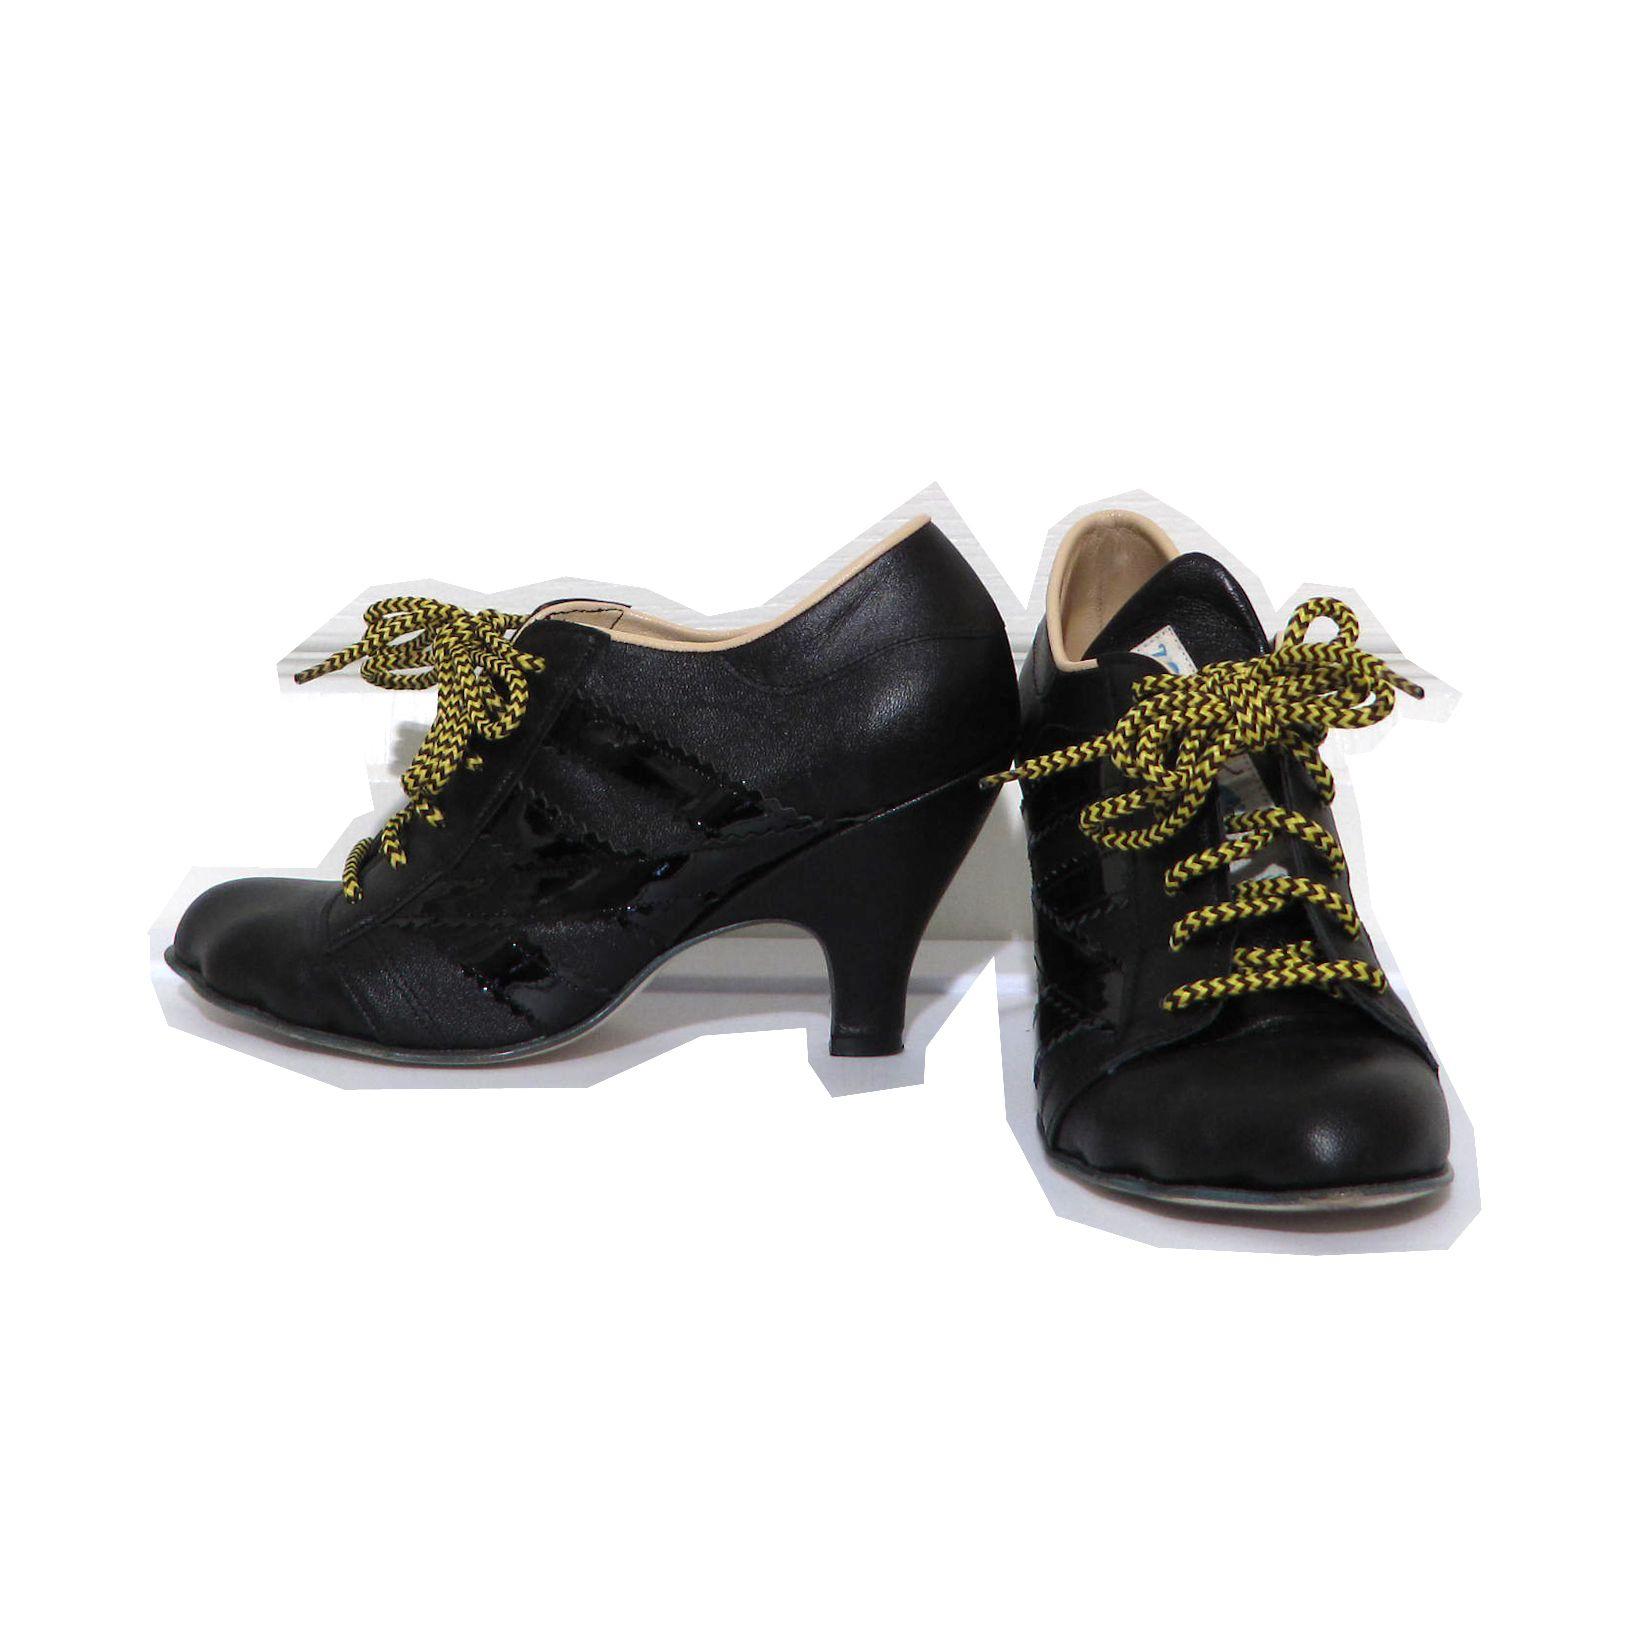 Black 3D leather sneakers Vivienne Westwood Ya7JJAUD2